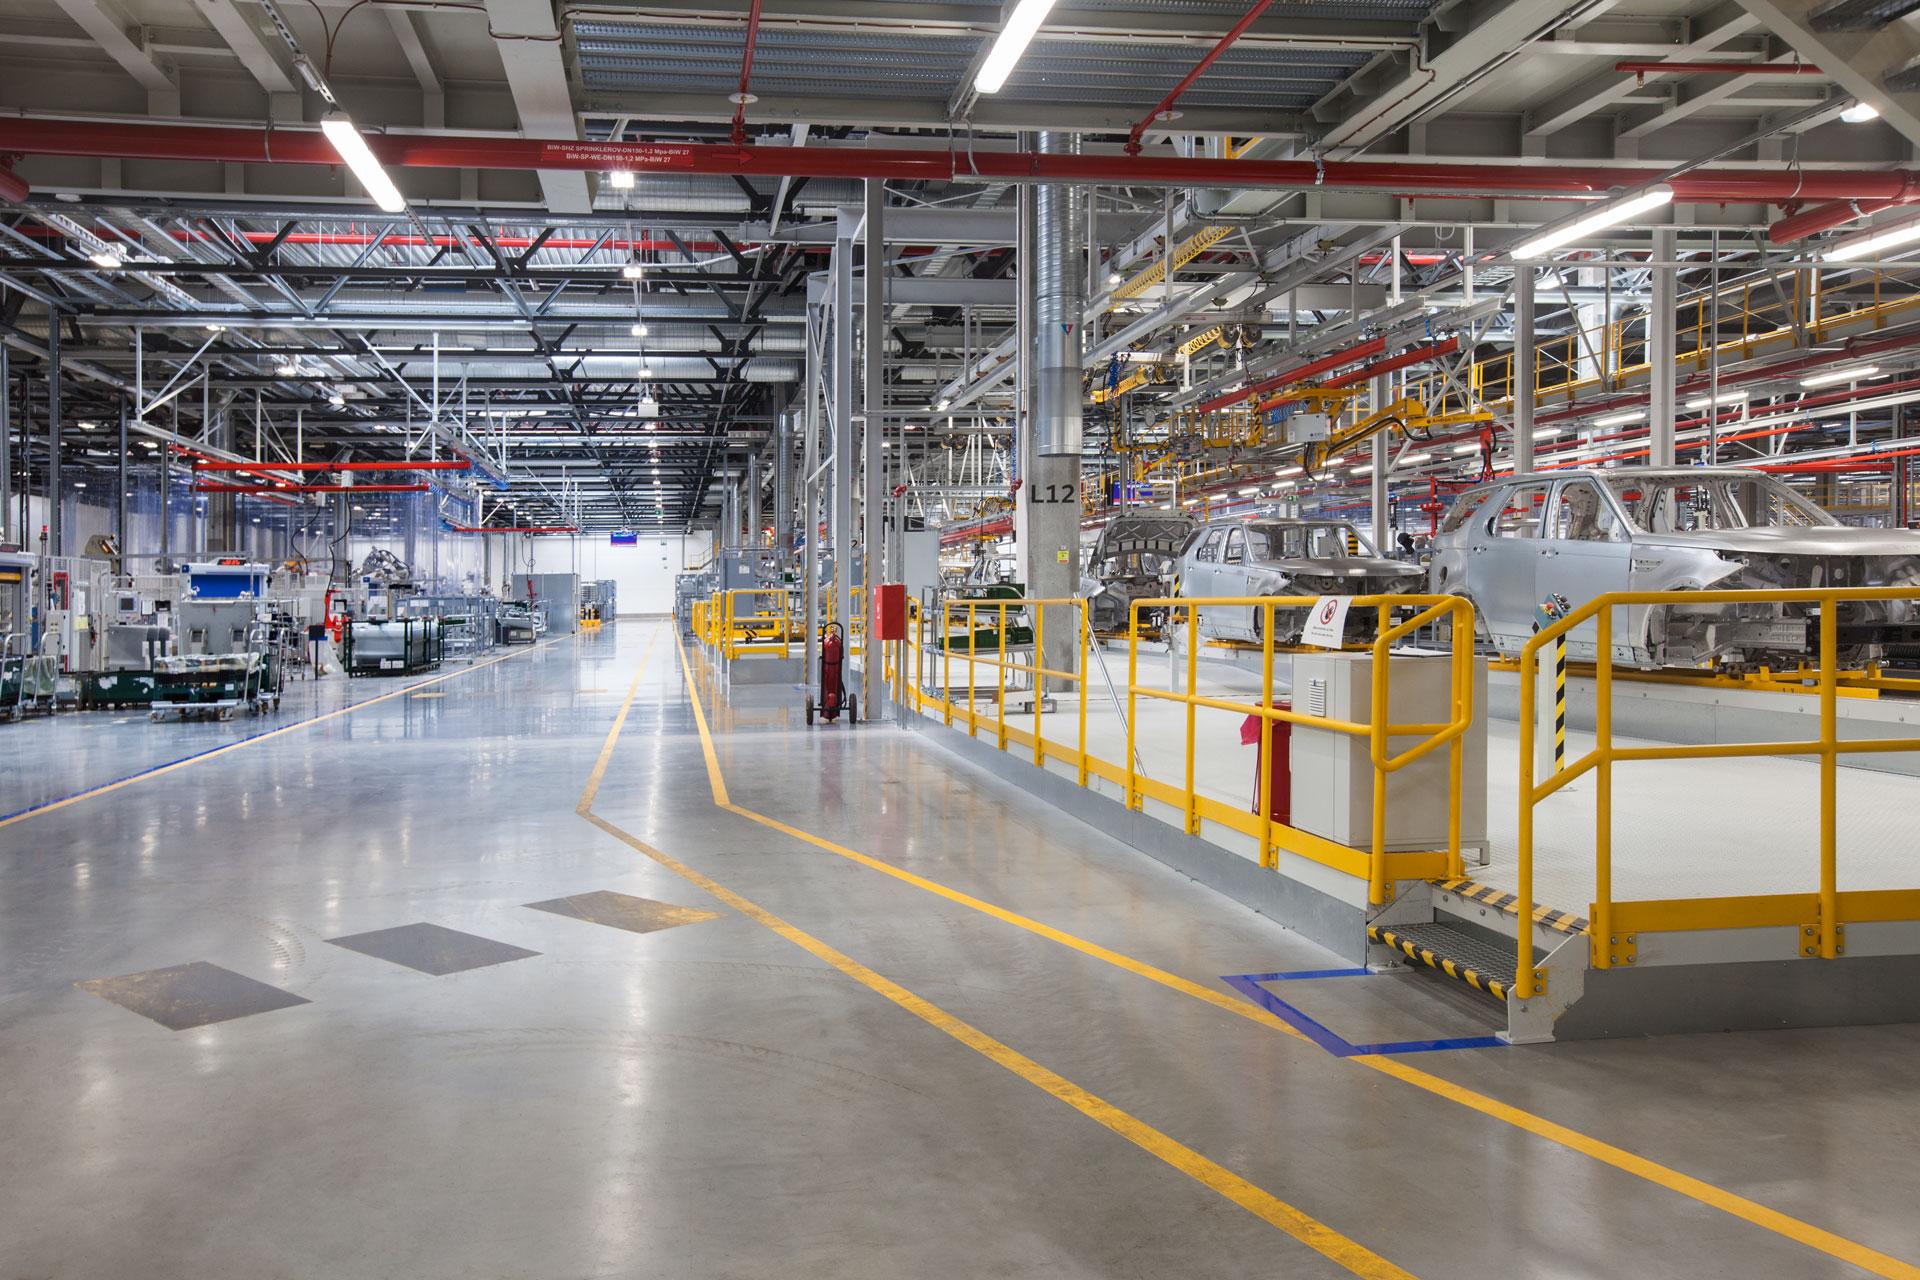 JLR body assembly shop in Nitra Slovakia